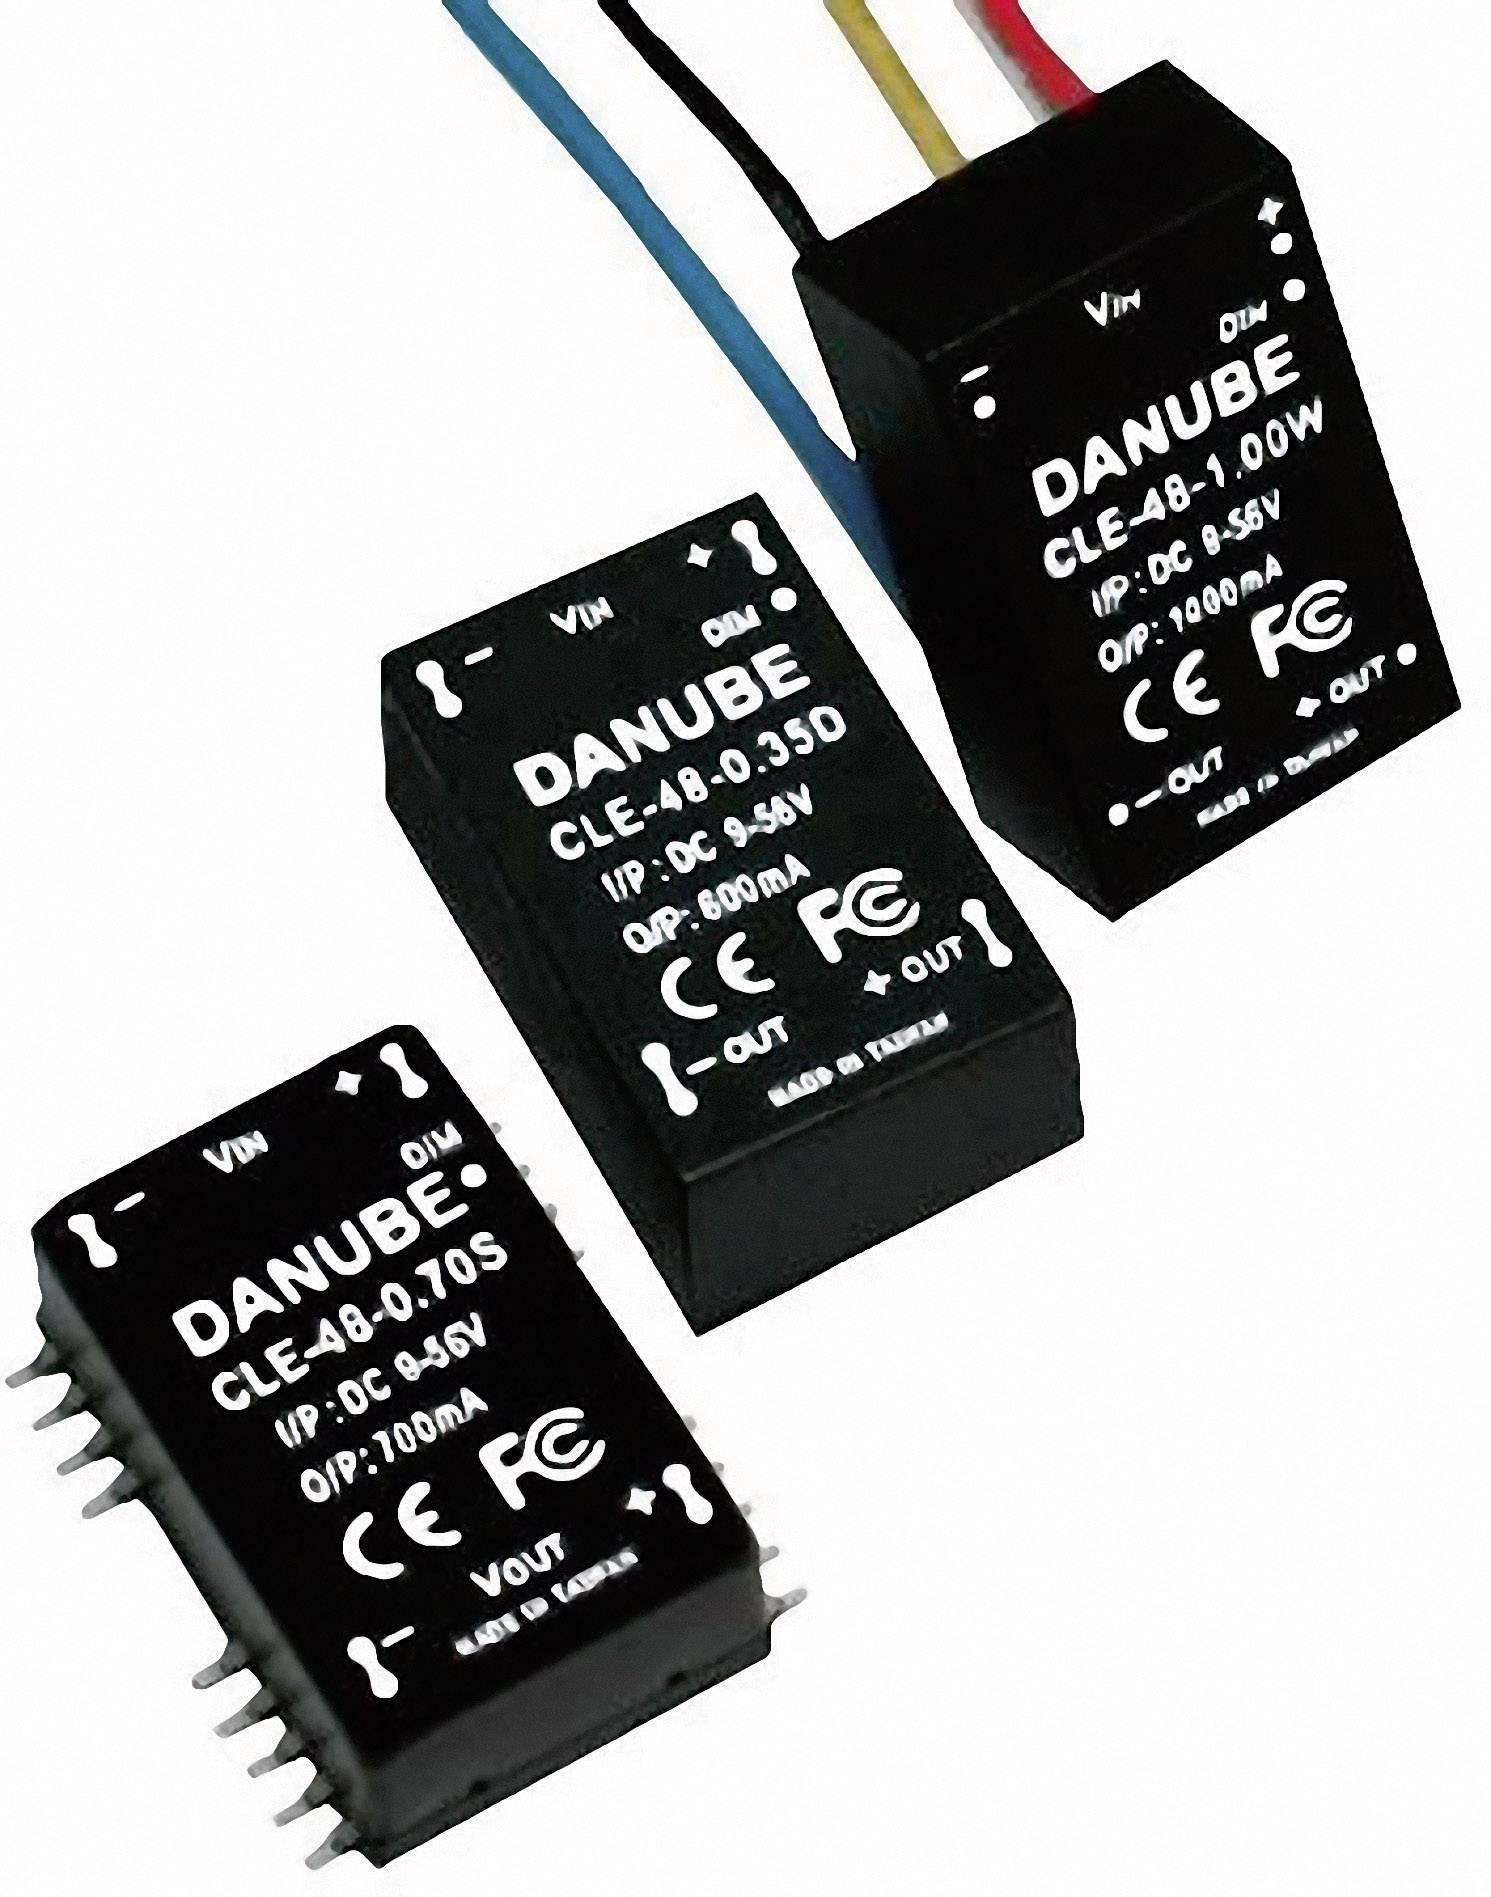 LED driver Danube CLE-48-0.70D, funkce On / Off/stmívání pomocí PWM, 9-56 V/DC